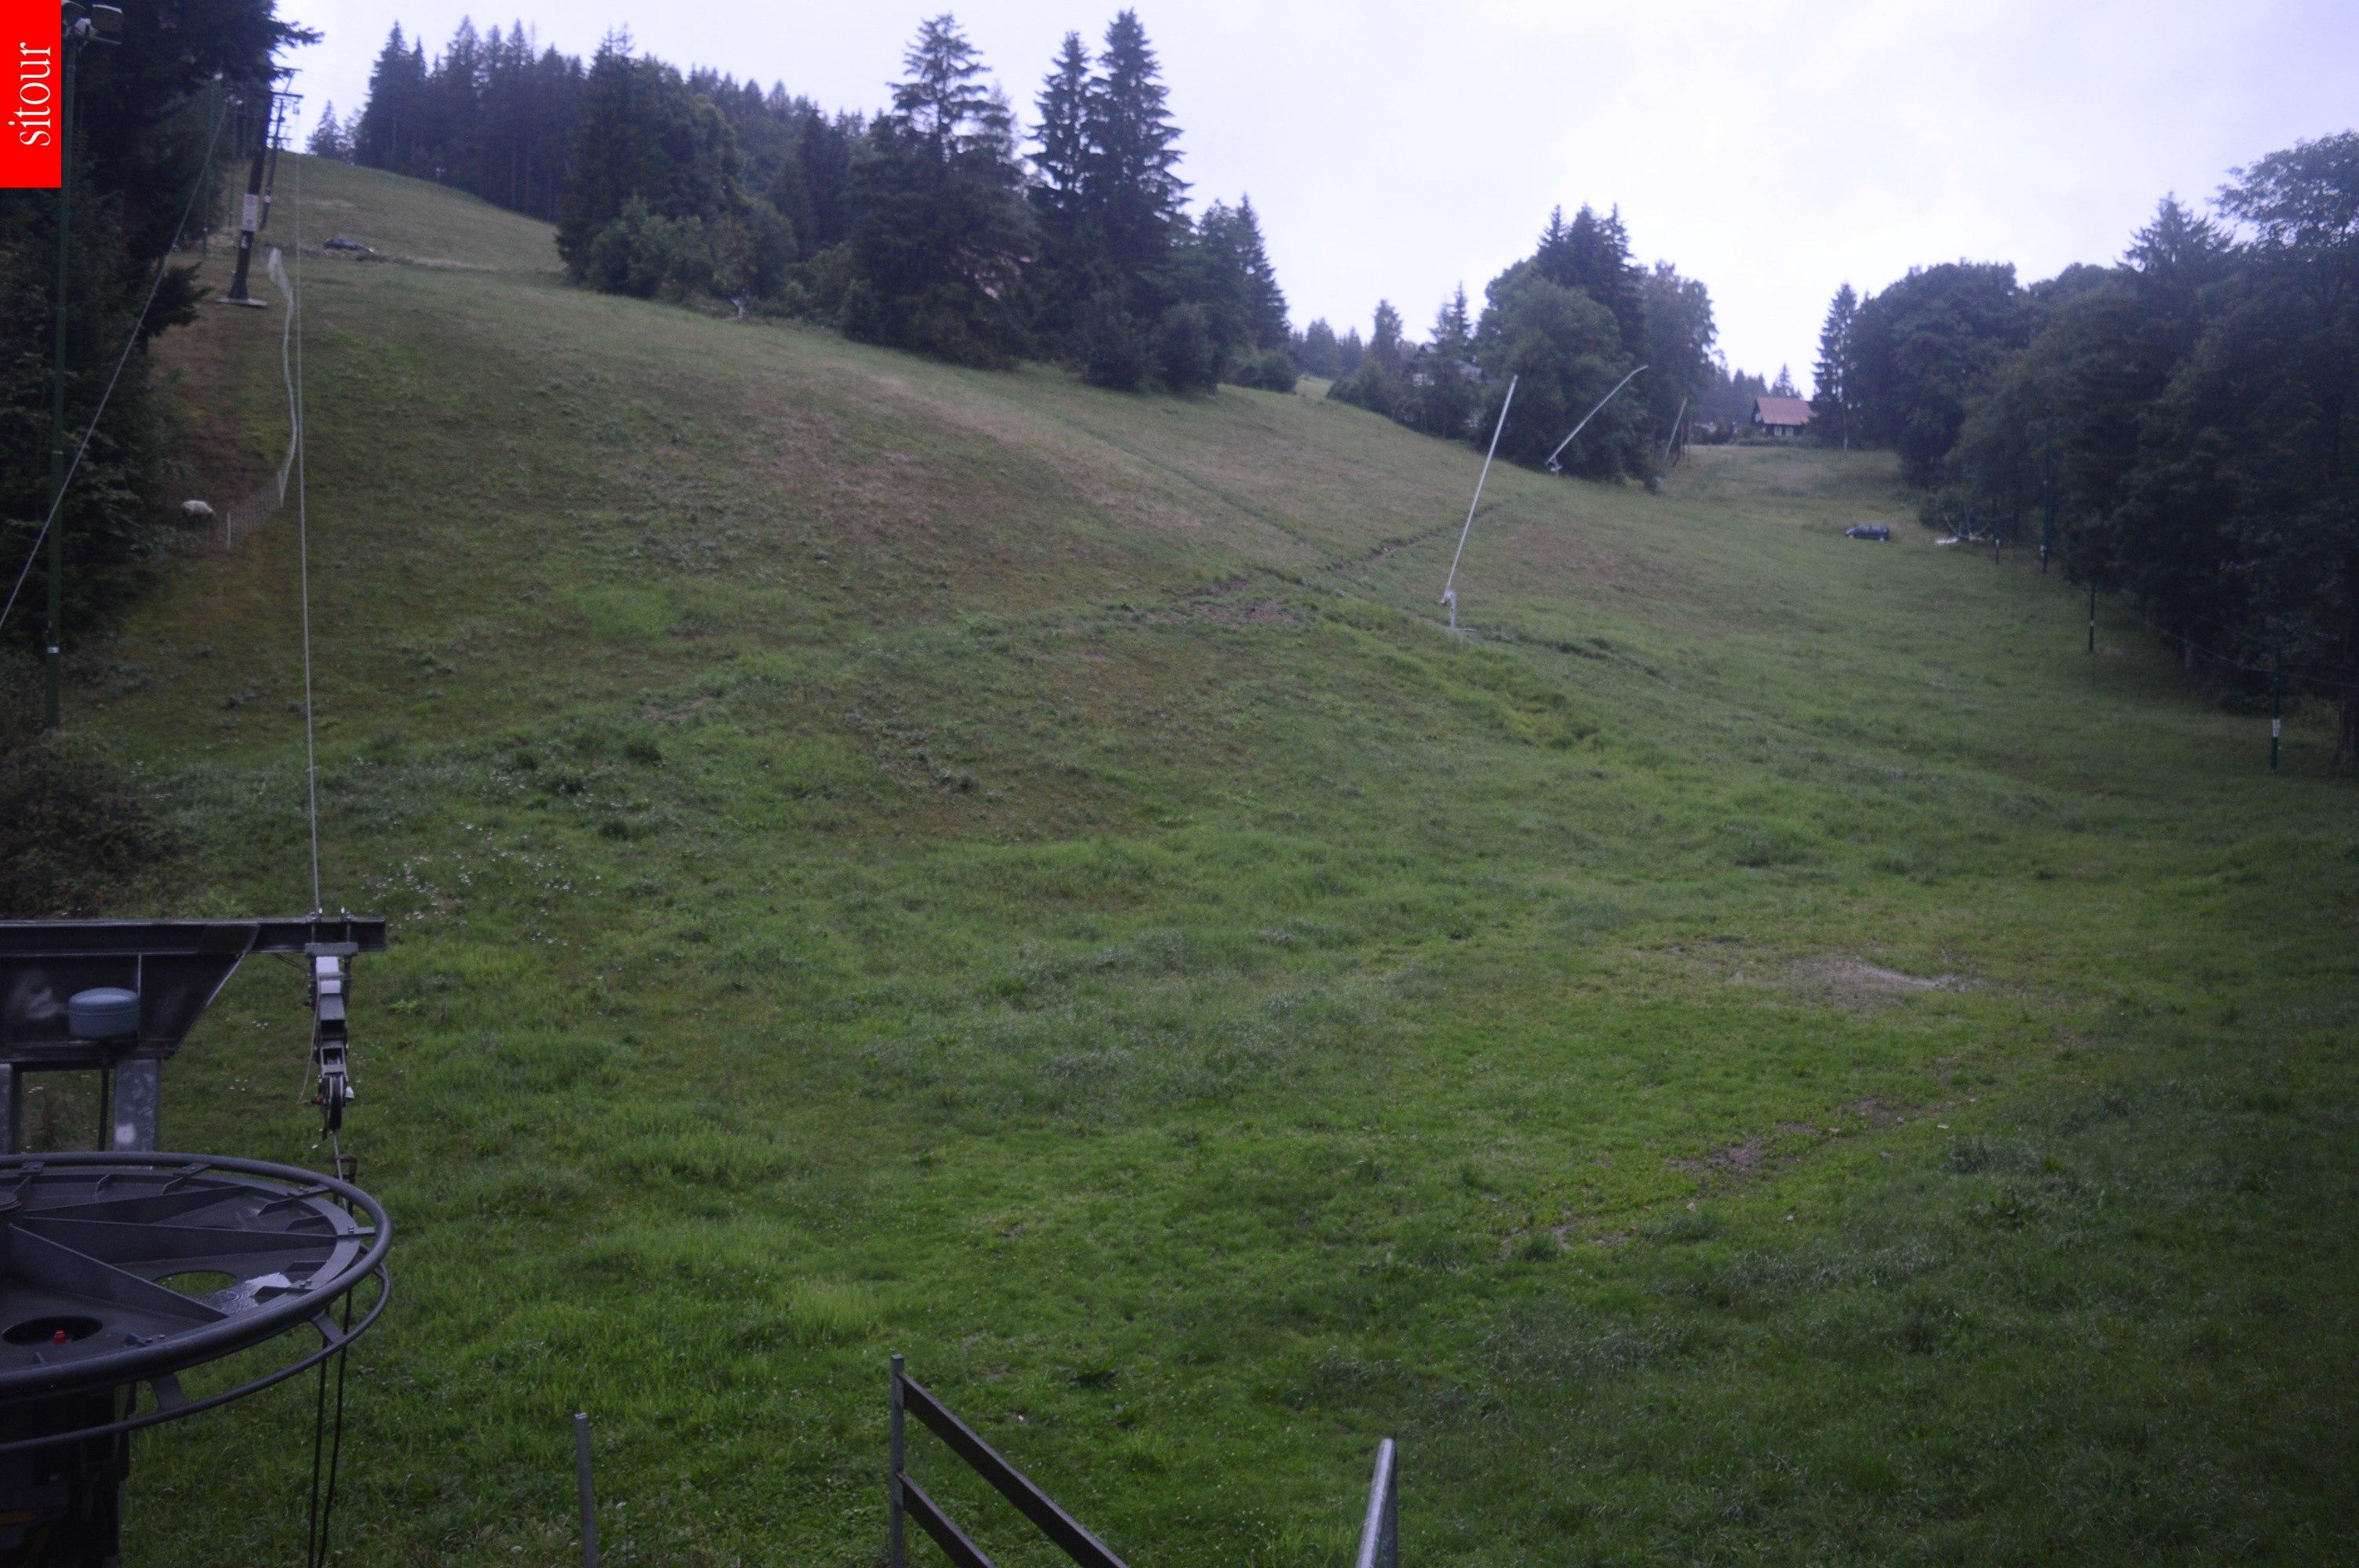 Webkamera - Ski areál Černá Říčka